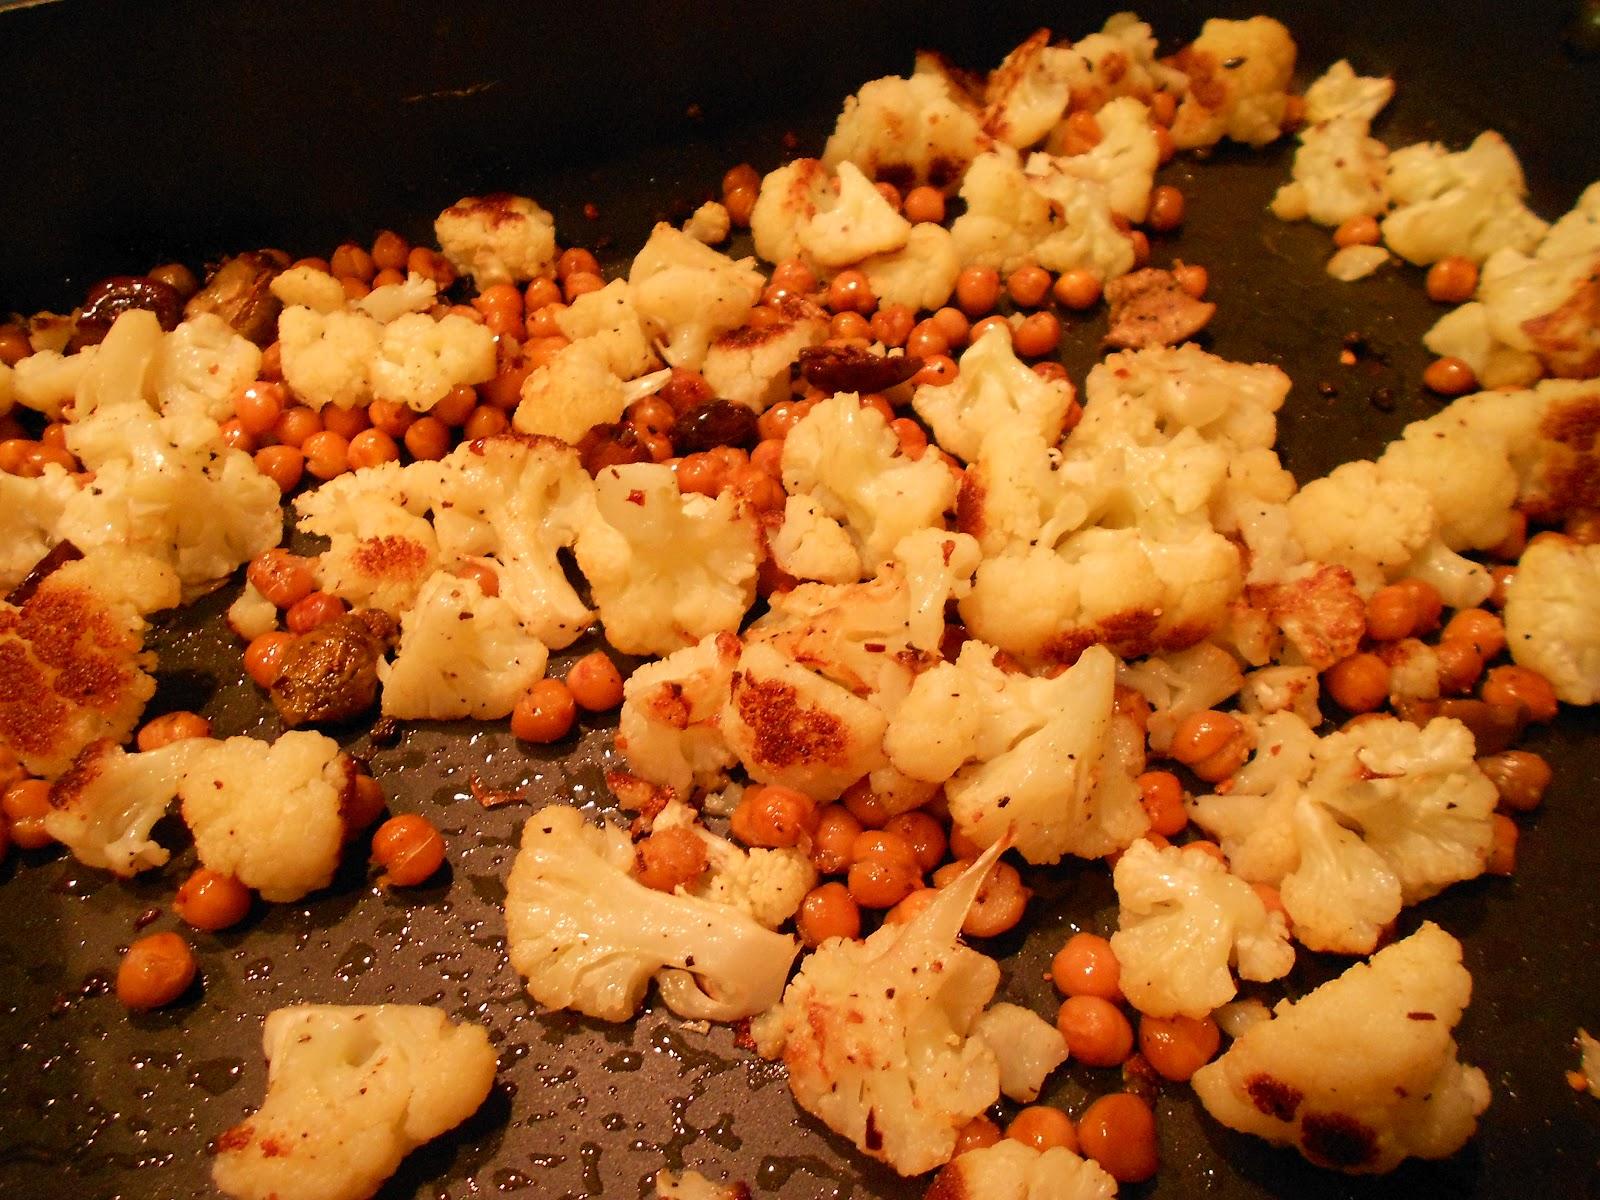 Roasted Chickpeas, Cauliflower, and Olives